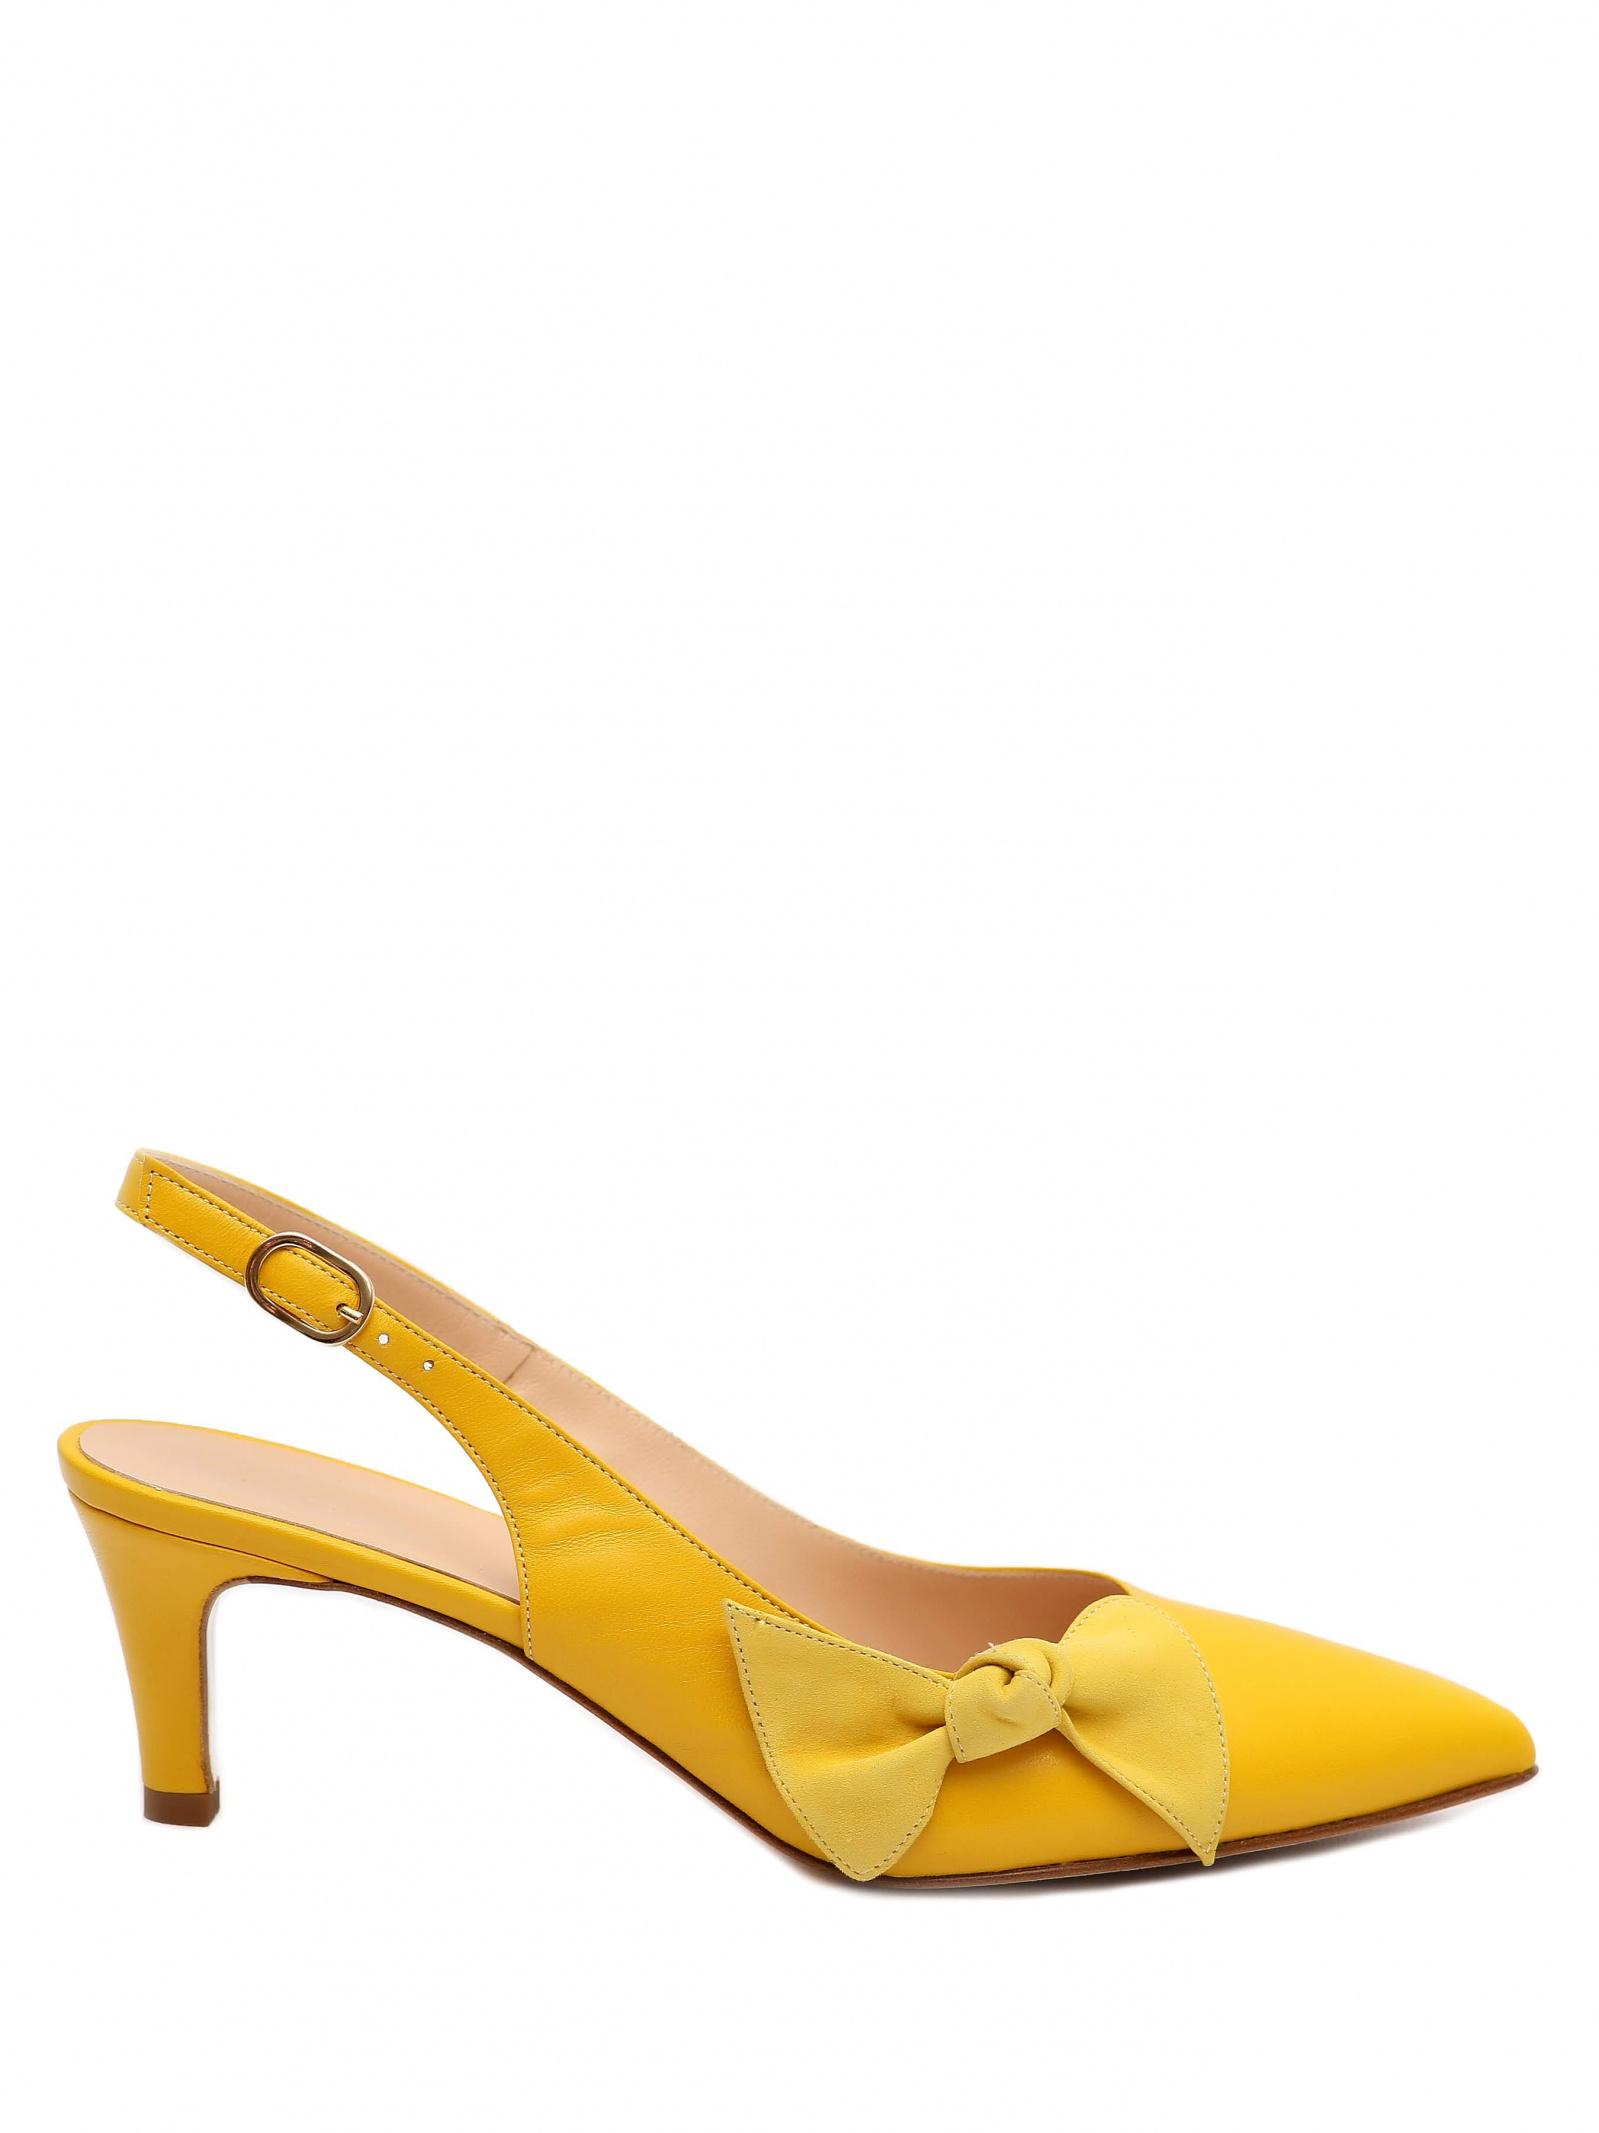 Туфлі  жіночі SITELLE LIL50YEL примірка, 2017